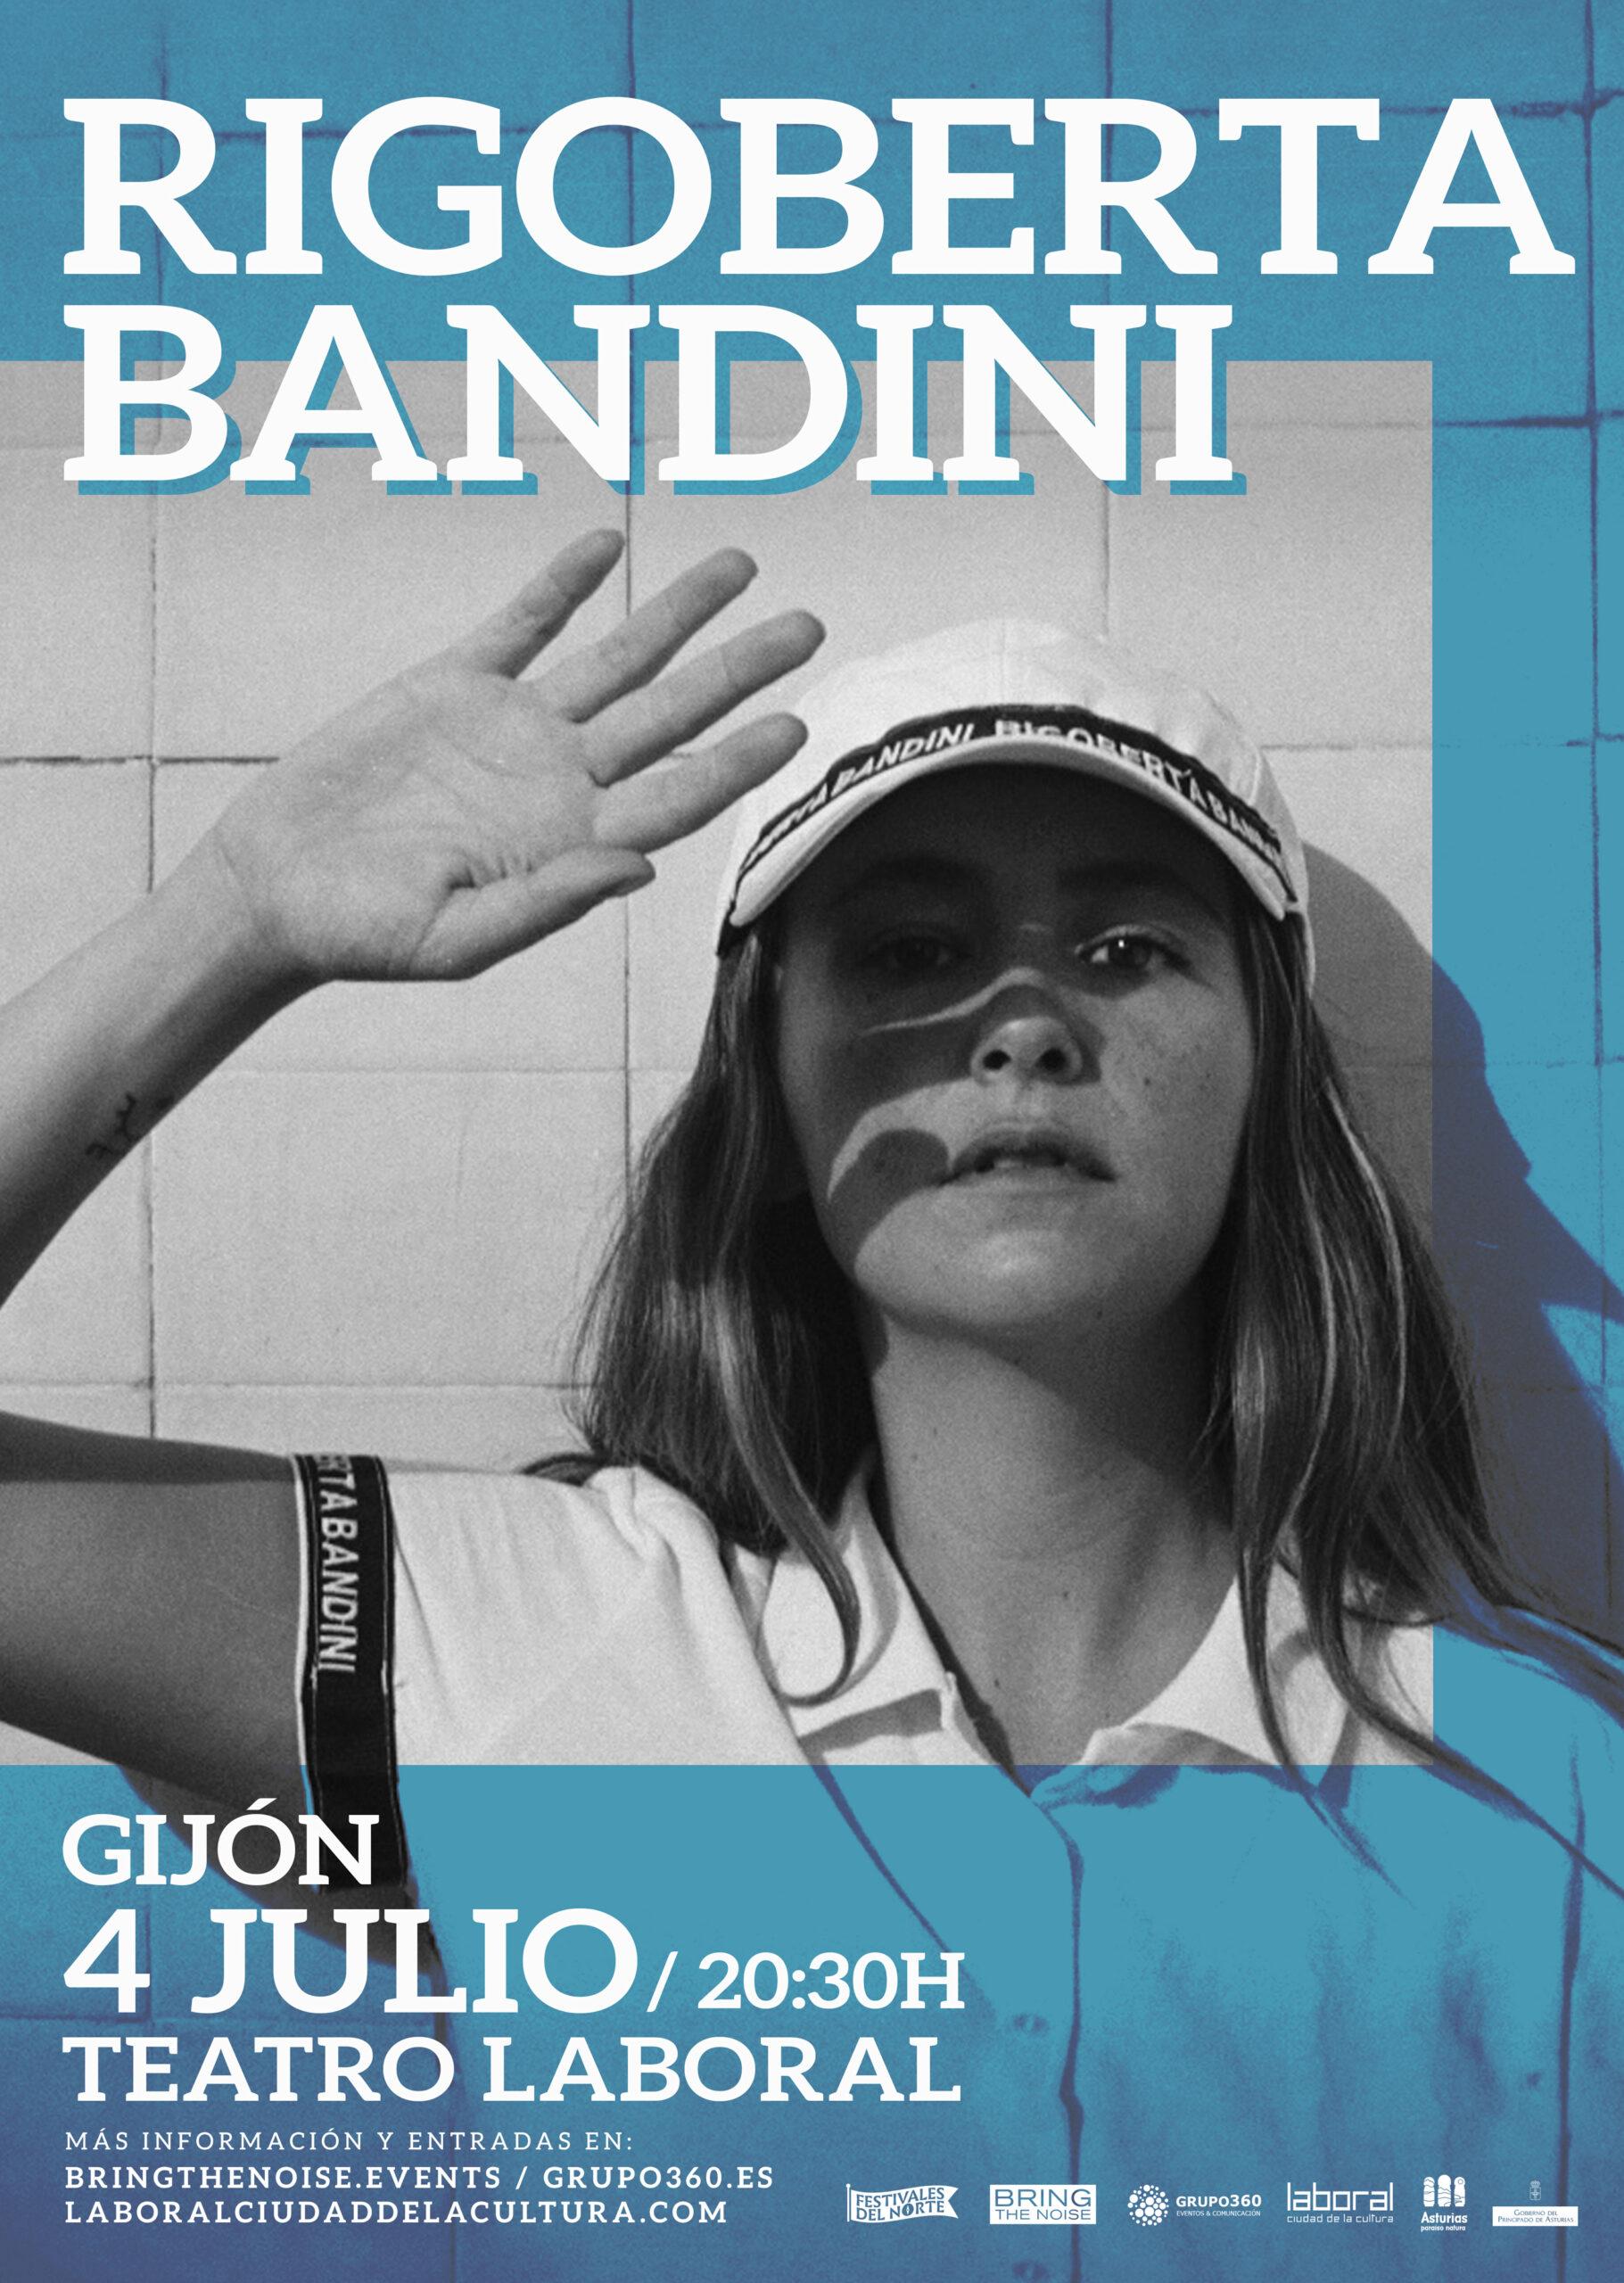 Rigoberta Bandini en Gijón